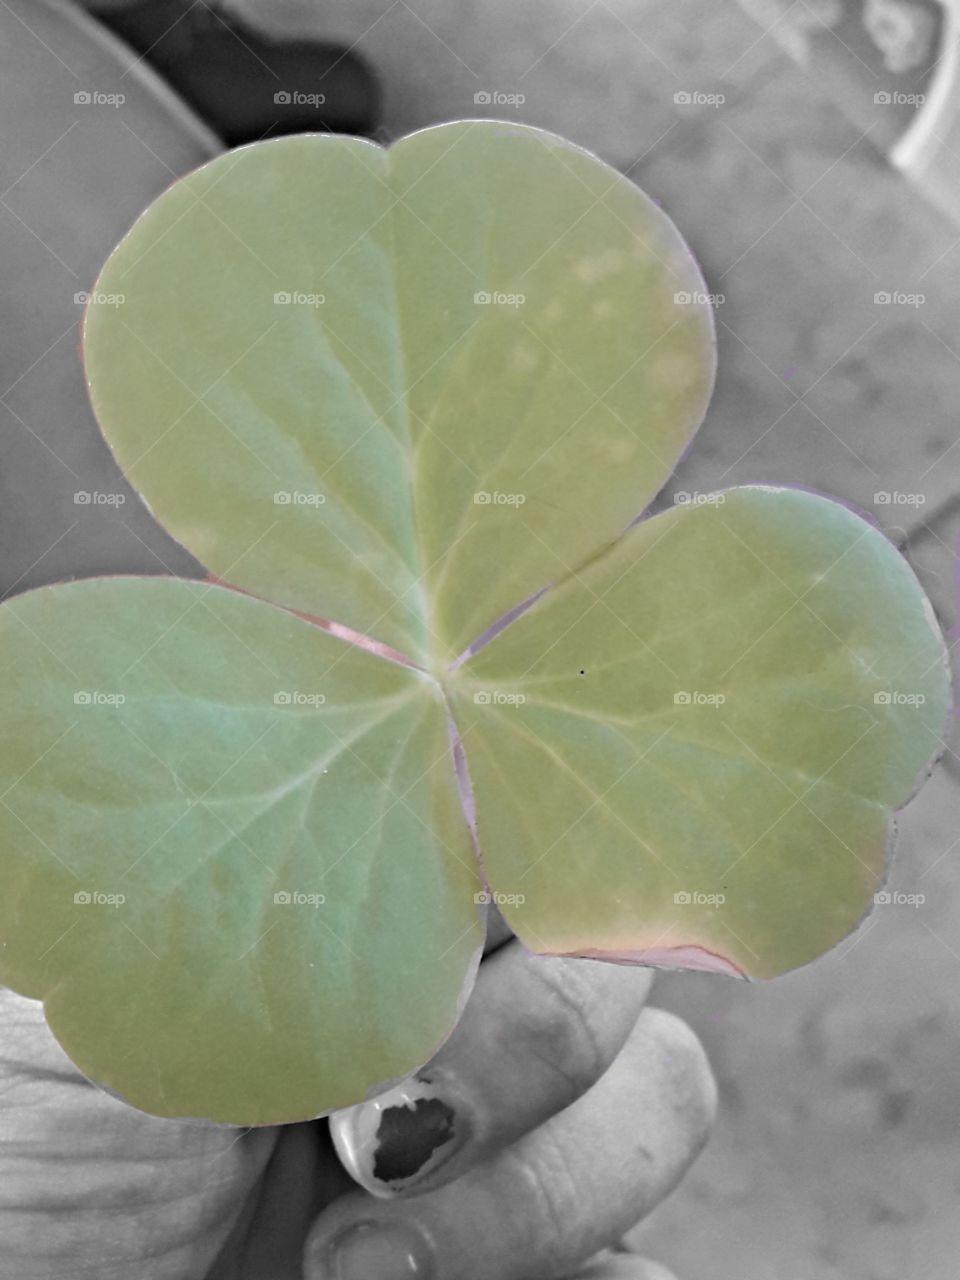 black and white andi hold one big green leaf